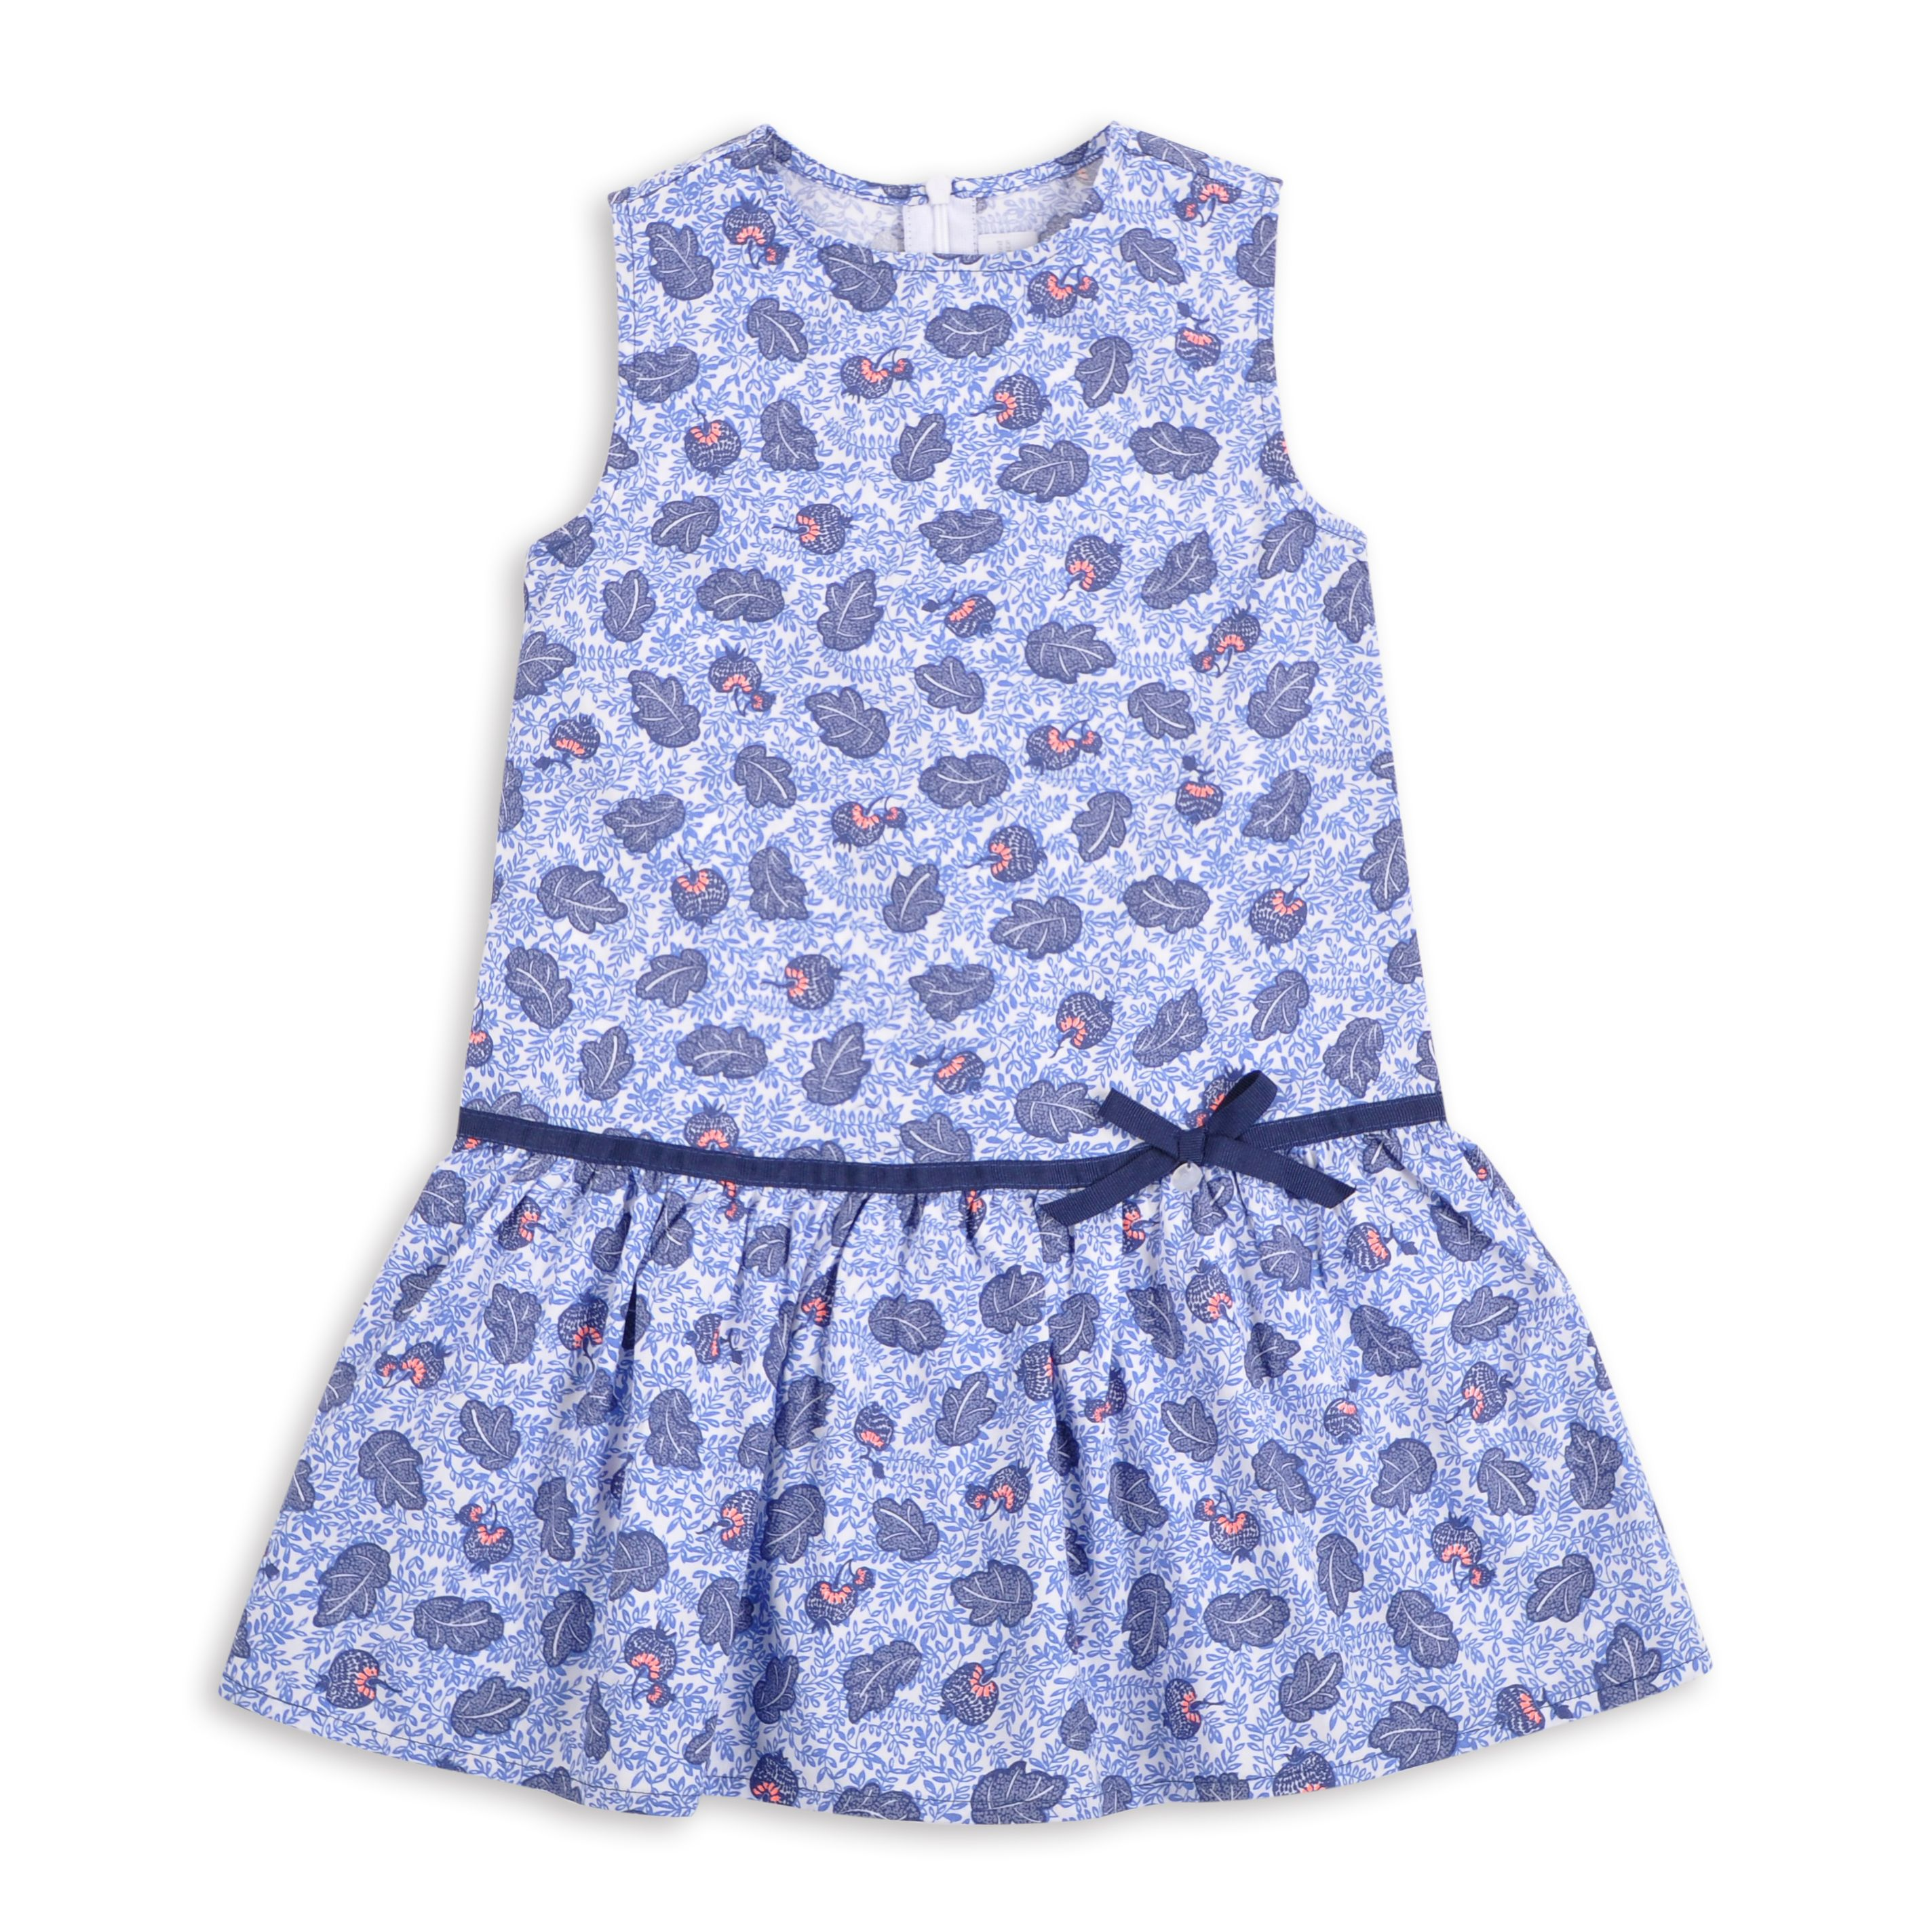 ccc923aef Vestido EPK para niña de estampado en tonos de azul | el armario de ...